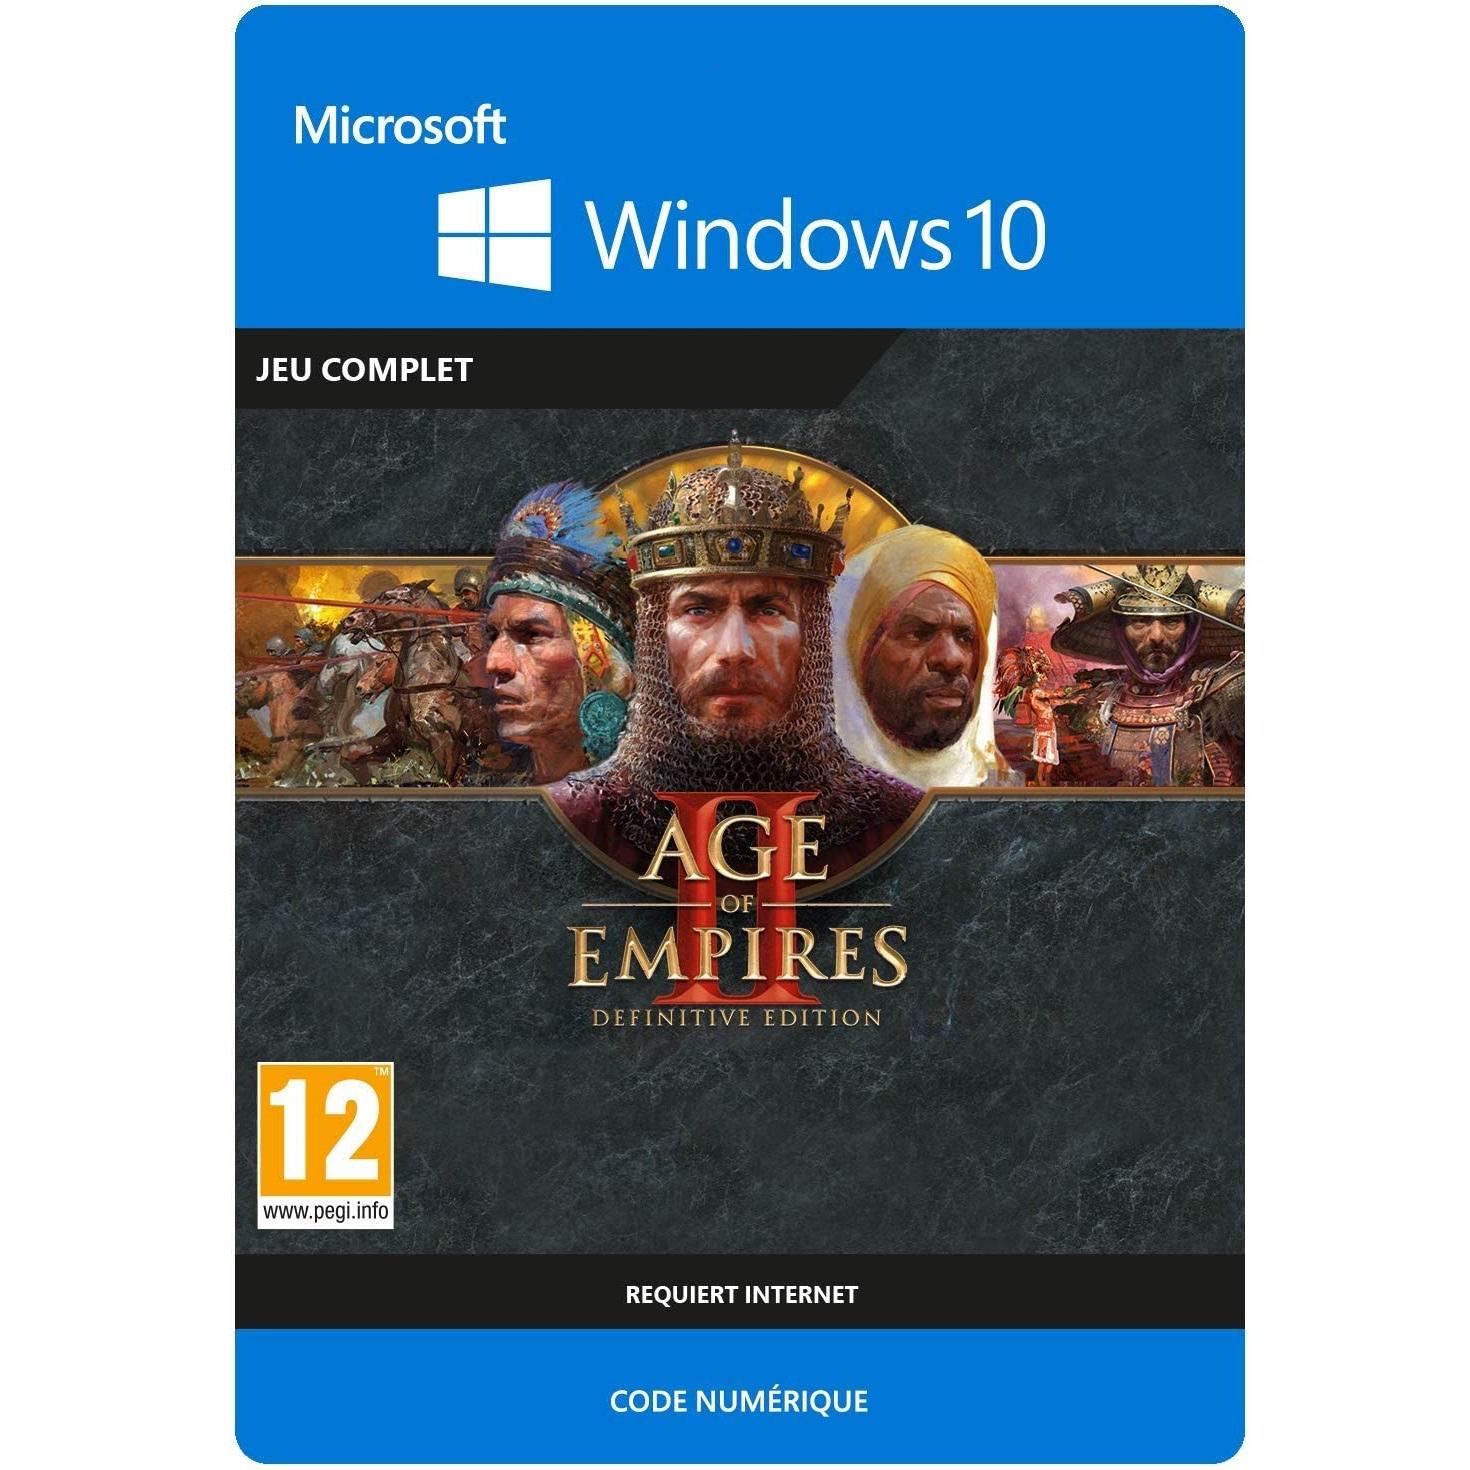 Age of Empires II: Definitive Edition sur PC Windows 10 (Dématérialisé)